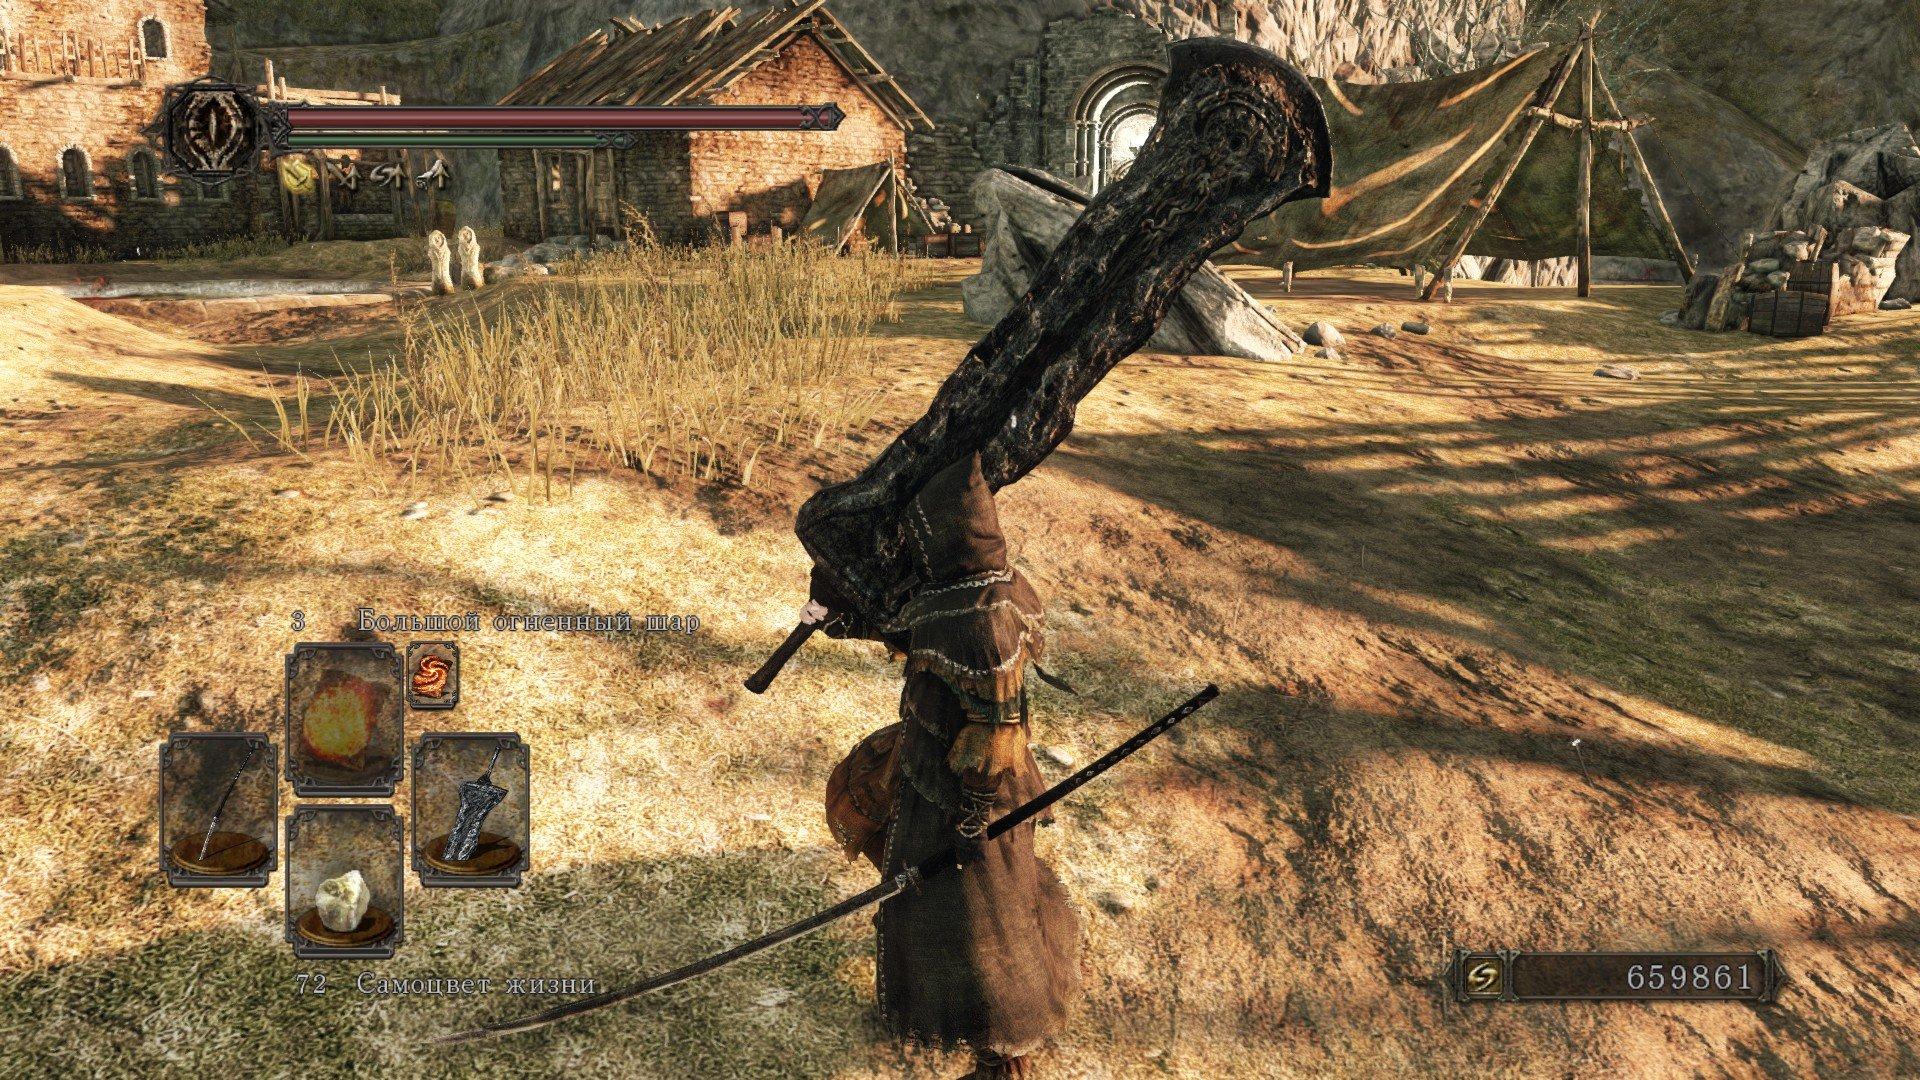 Вопль-прохождение Dark Souls 2 ... получилось много скриншотов -_- - Изображение 28